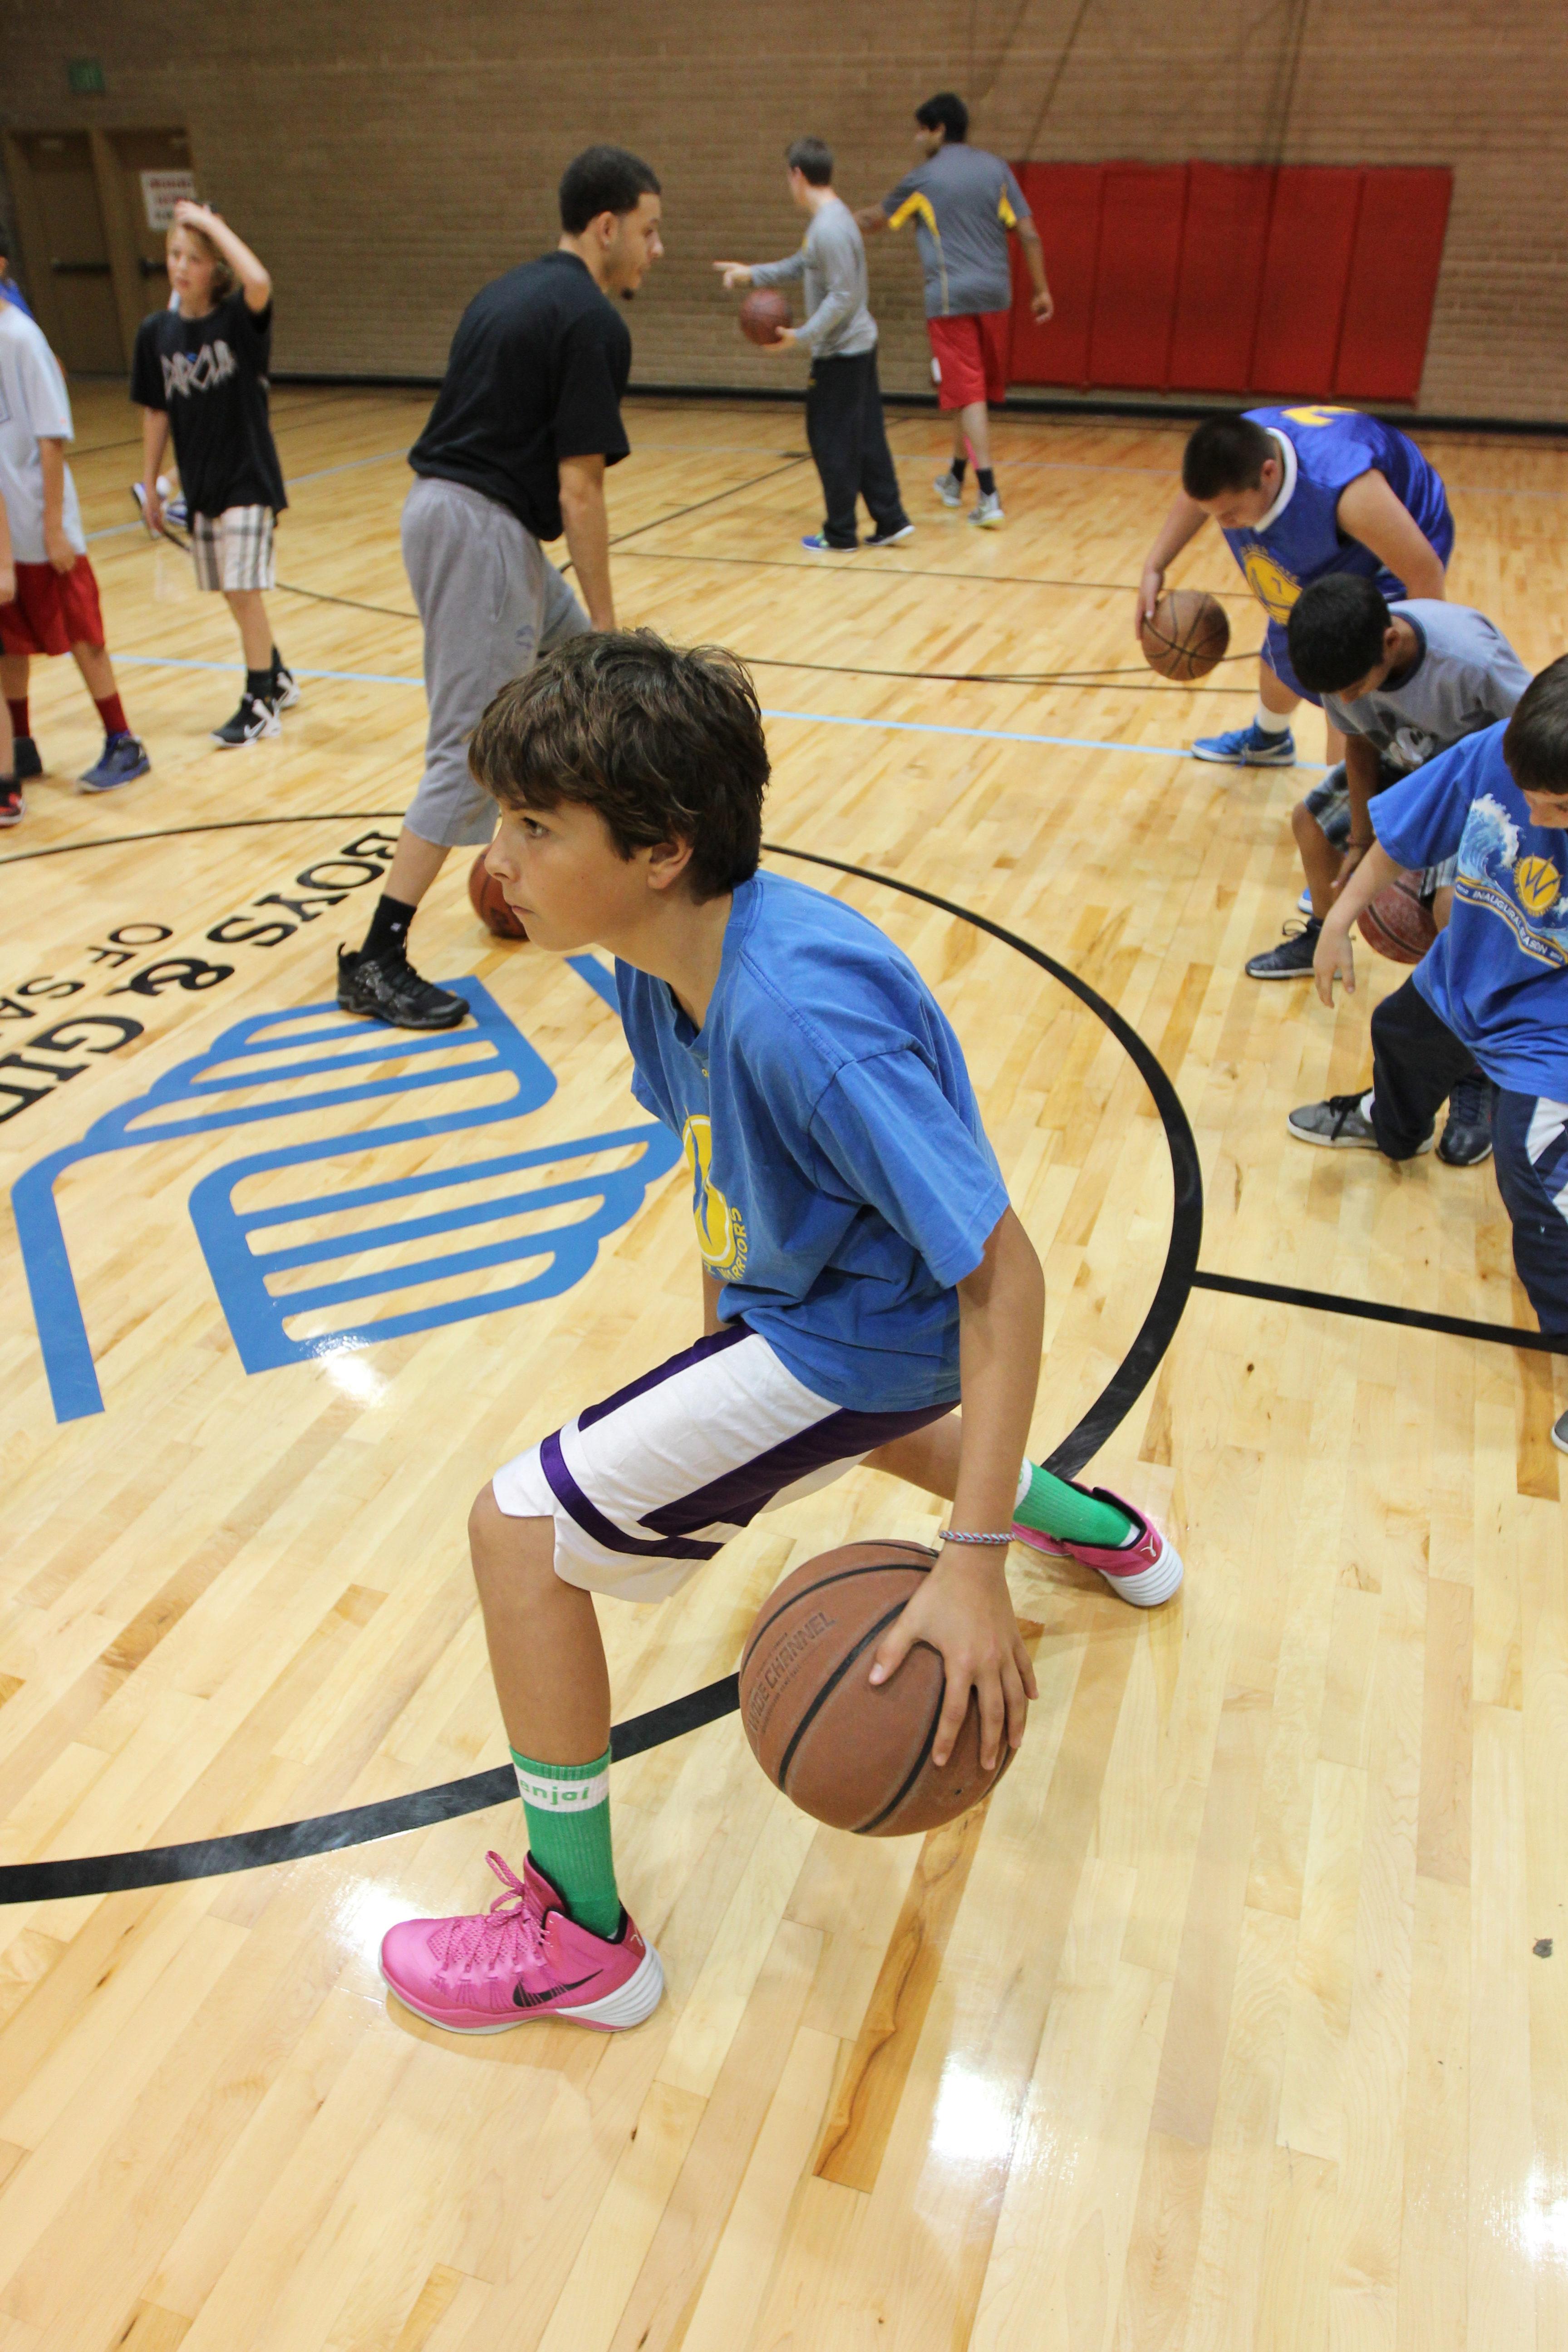 Basketball dribbler